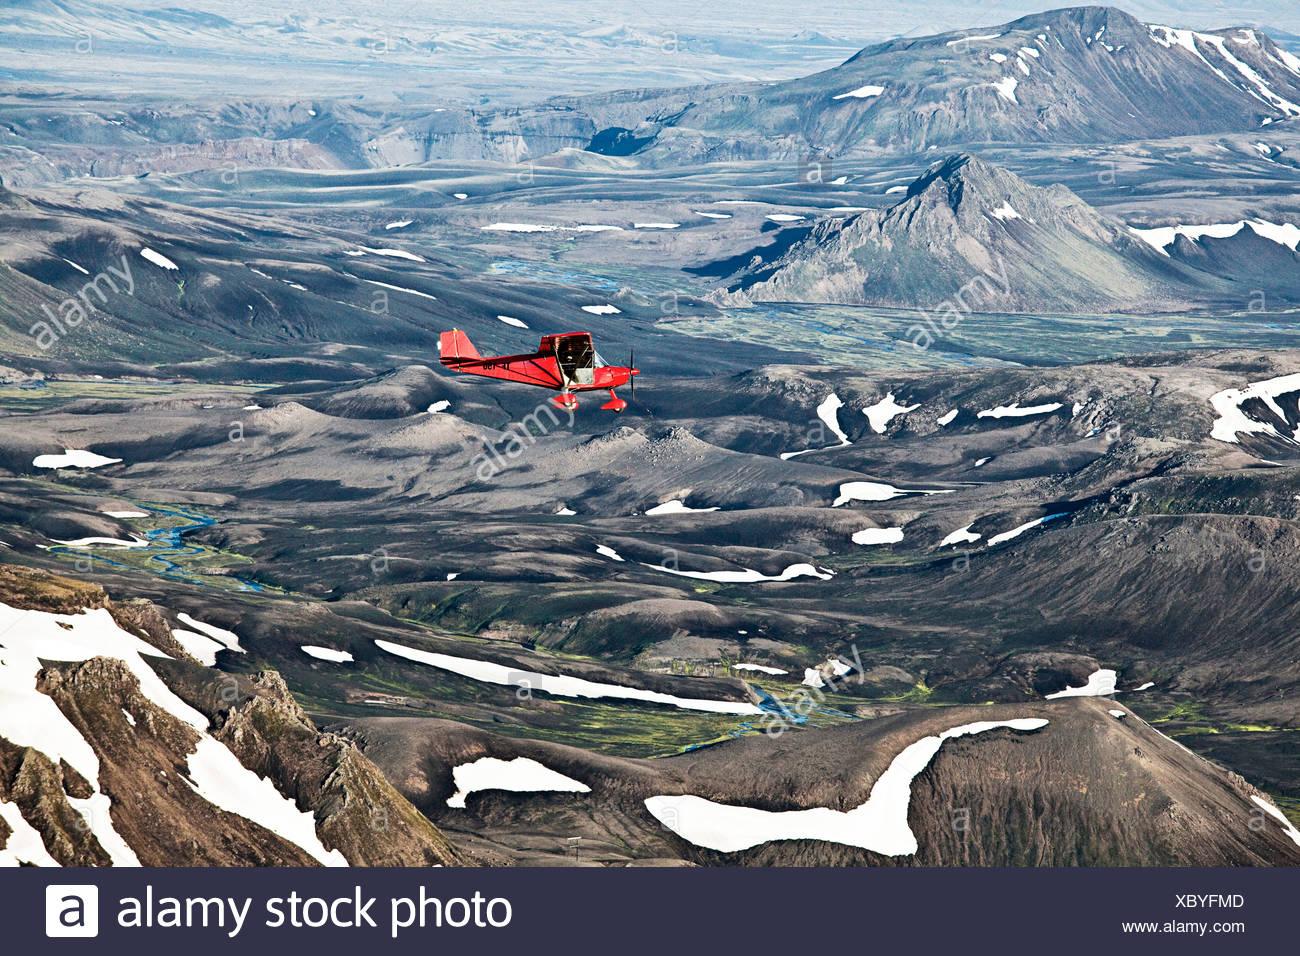 Luftaufnahme, eine rote einmotorigen leichten Flugzeug fliegen über Vulkane, Hochland von Island, Island, Europa Stockbild